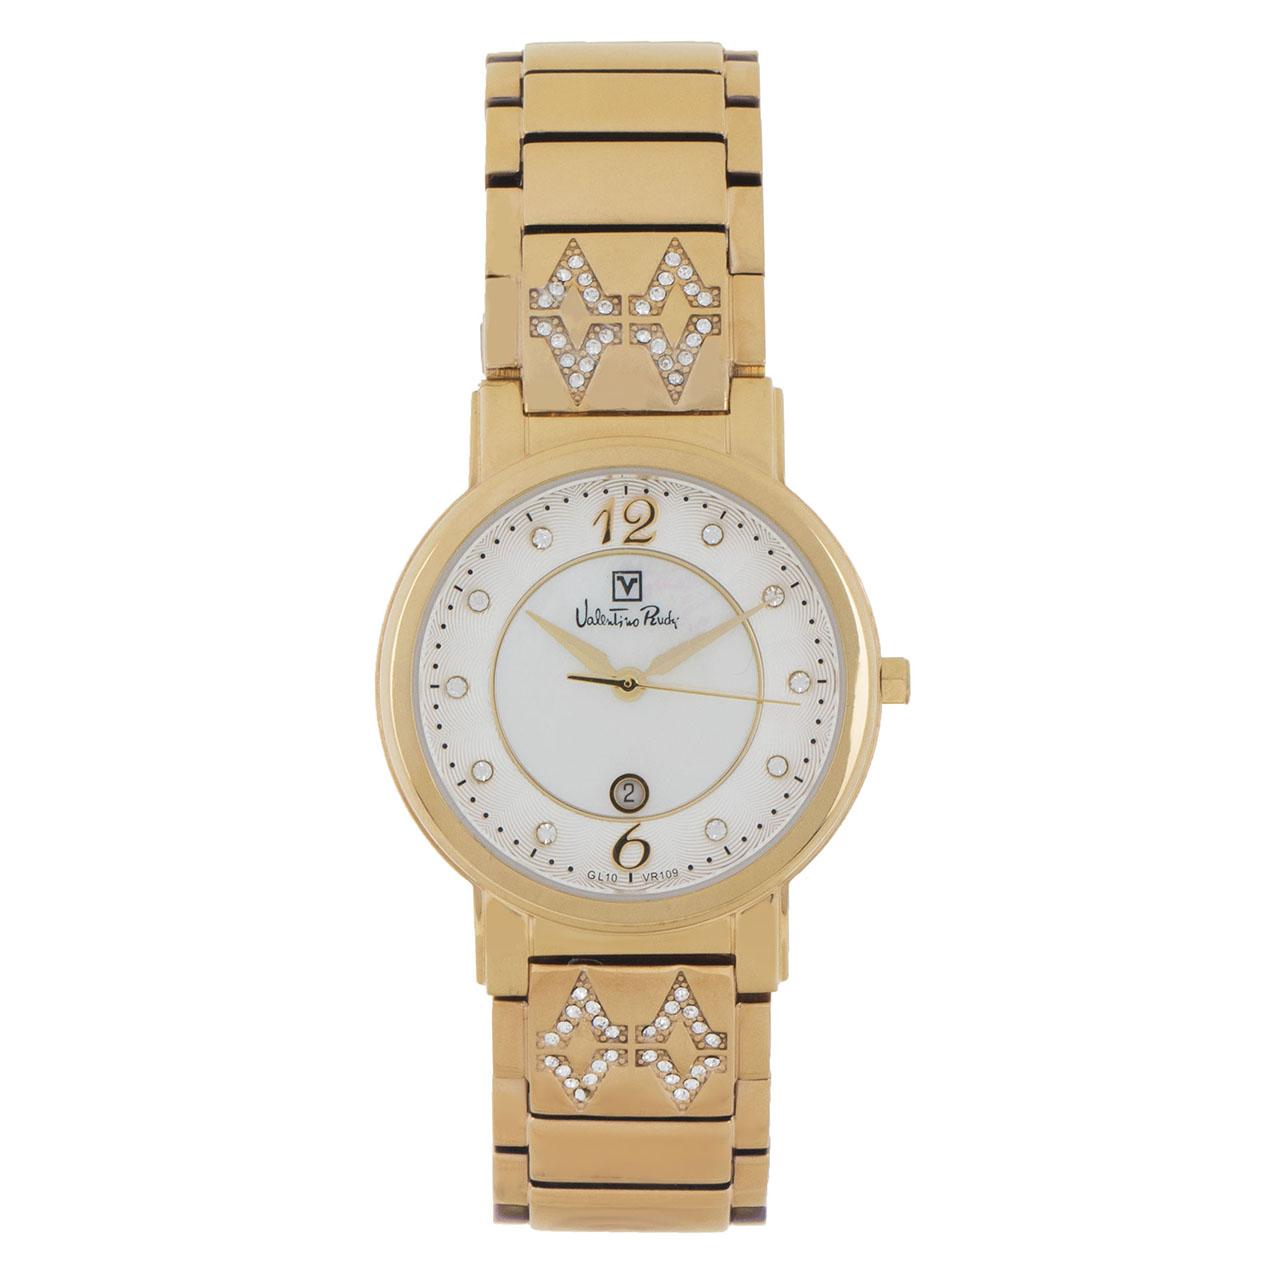 ساعت زنانه برند والنتینو رودی مدل VR109-2255s